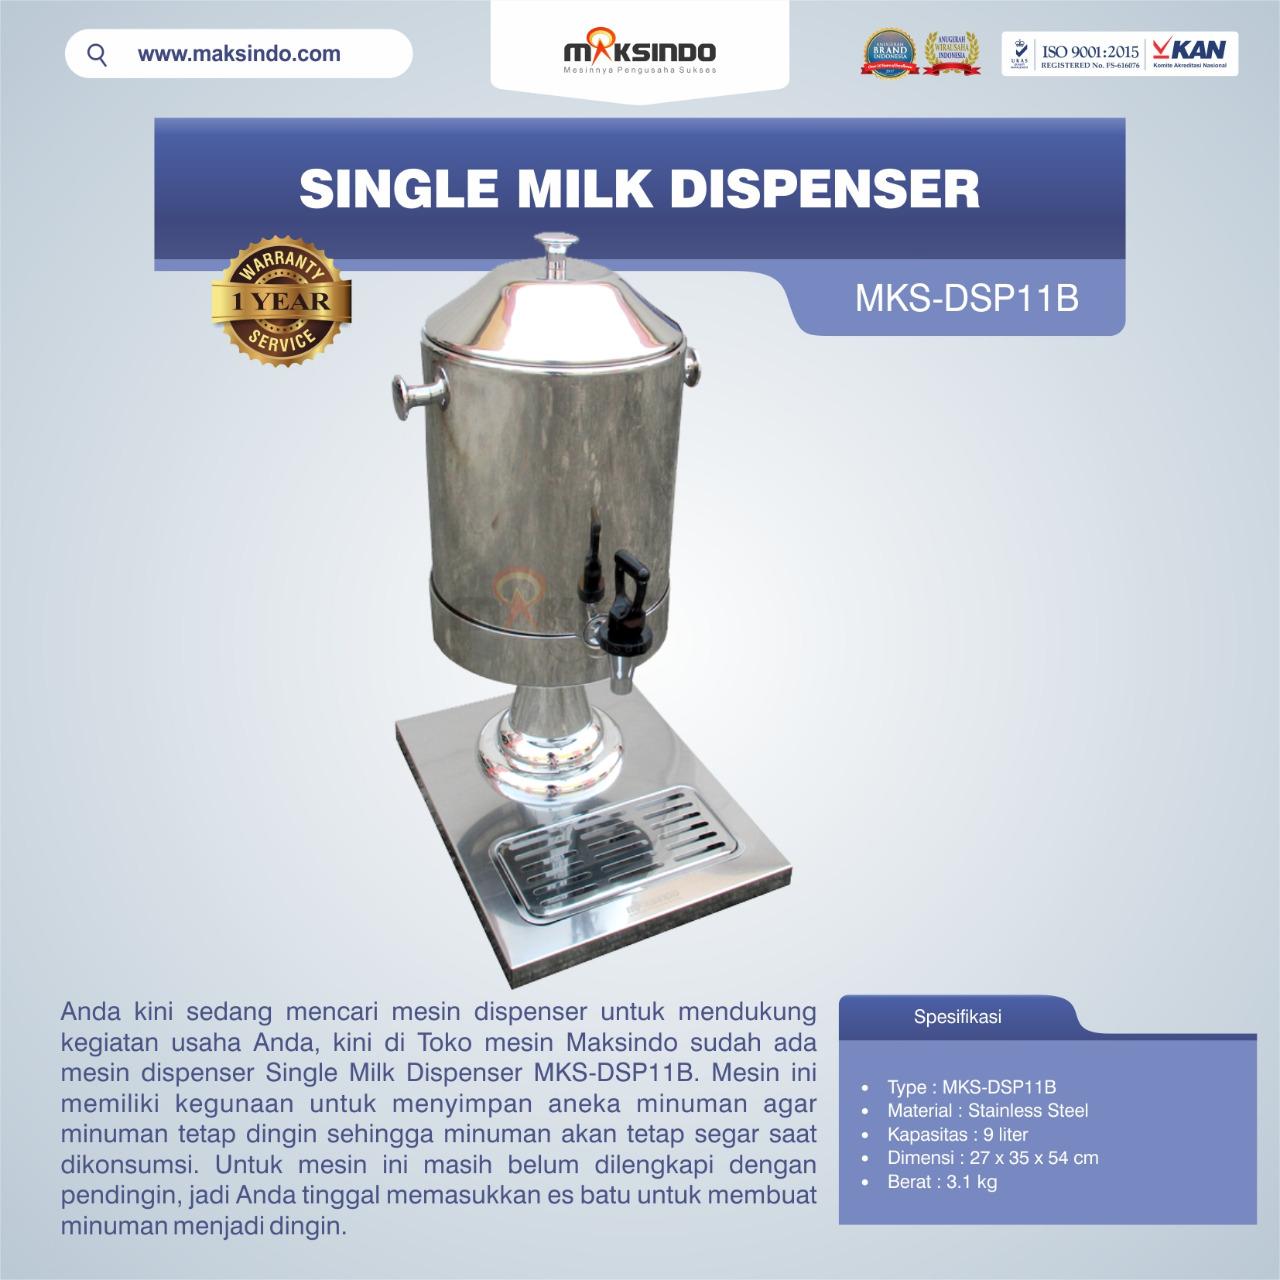 Jual Single Milk Dispenser MKS-DSP11B di Bandung